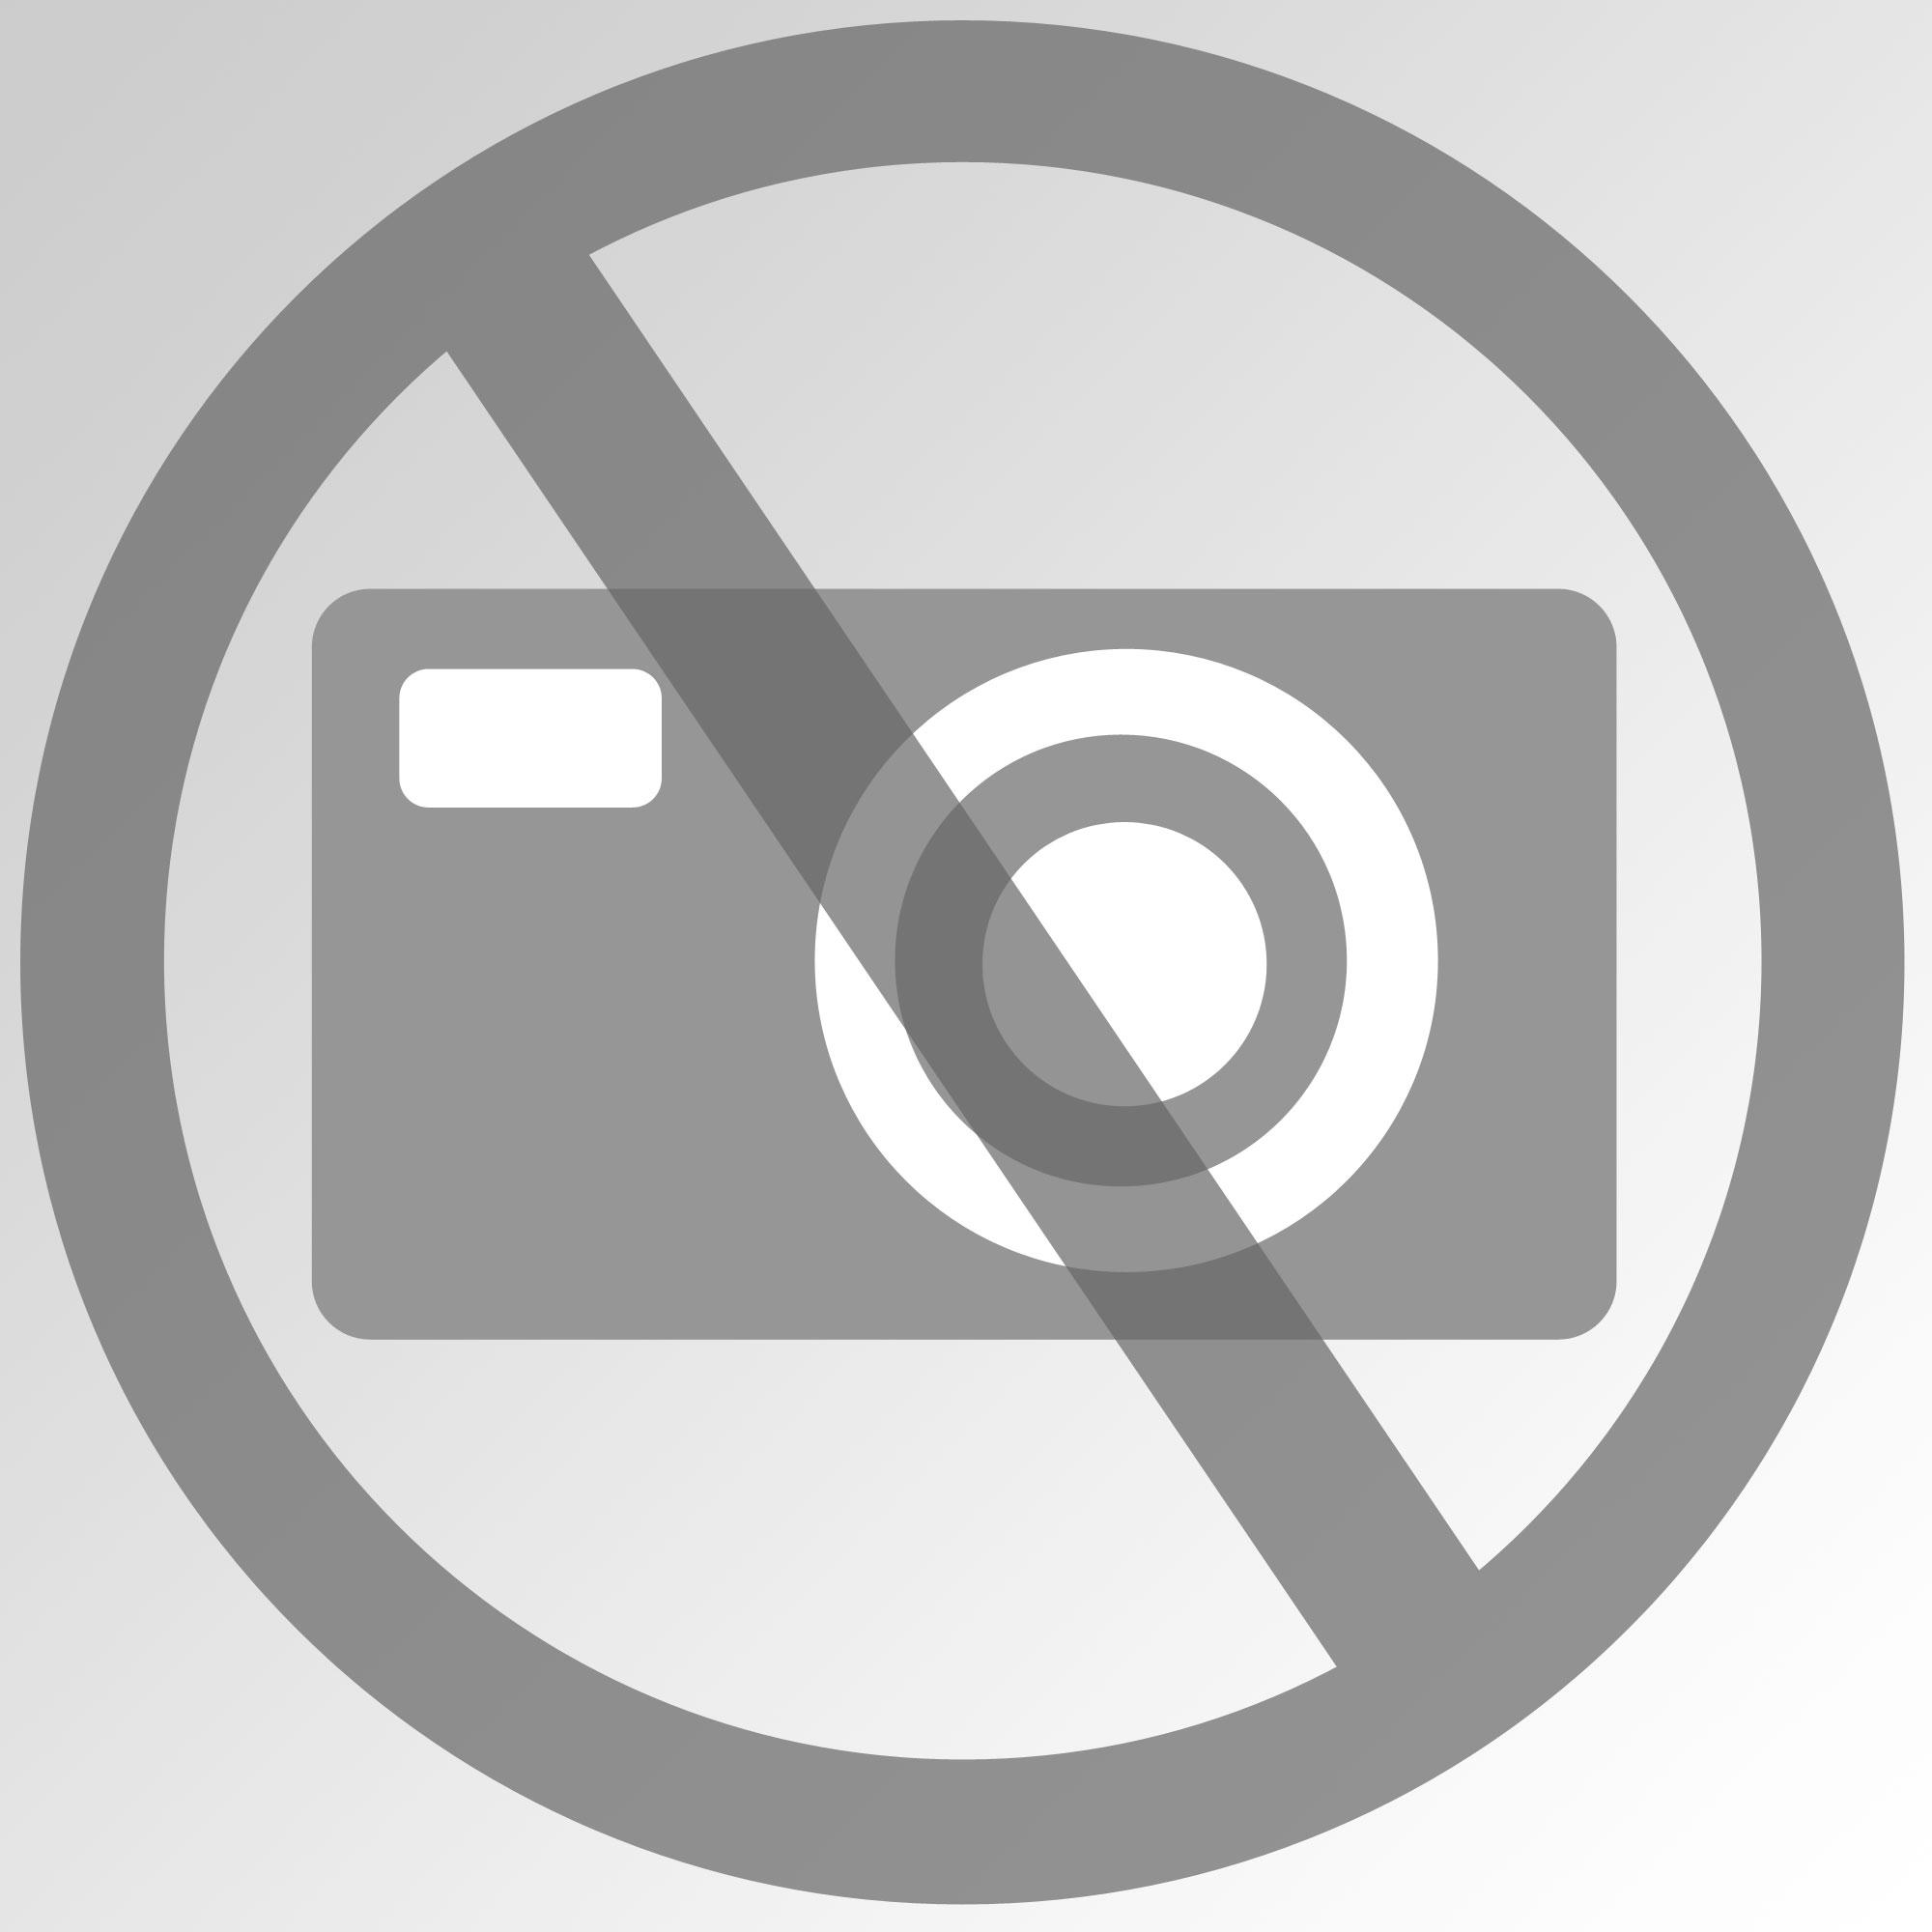 H1-HA Handtuchrollenspender schwarz/schwarz, Autocut-System